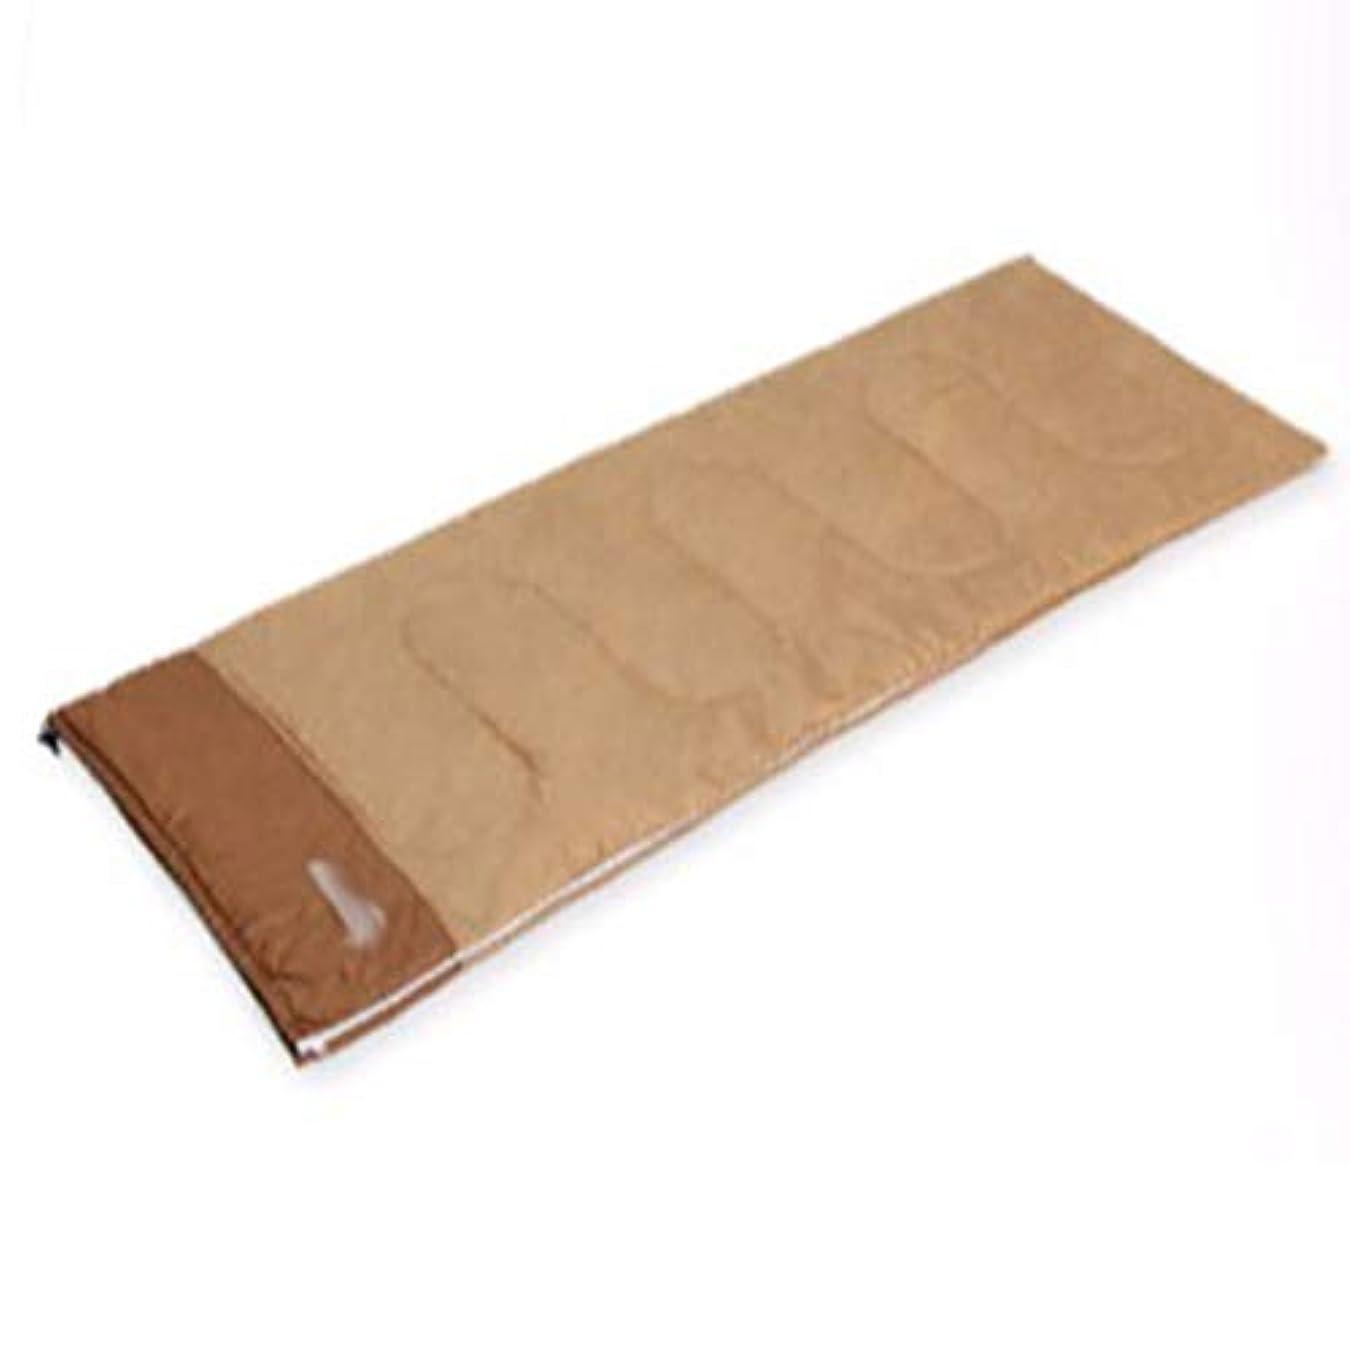 広告する見物人前述の寝袋キルト3シーズンキャンプブッシュ屋外屋外 春と夏の超軽量ポータブルコットン枕寝袋大人の旅行キャンプオフィスを継ぐことができます さまざまな色とサイズで利用可能 (色 : 黄)